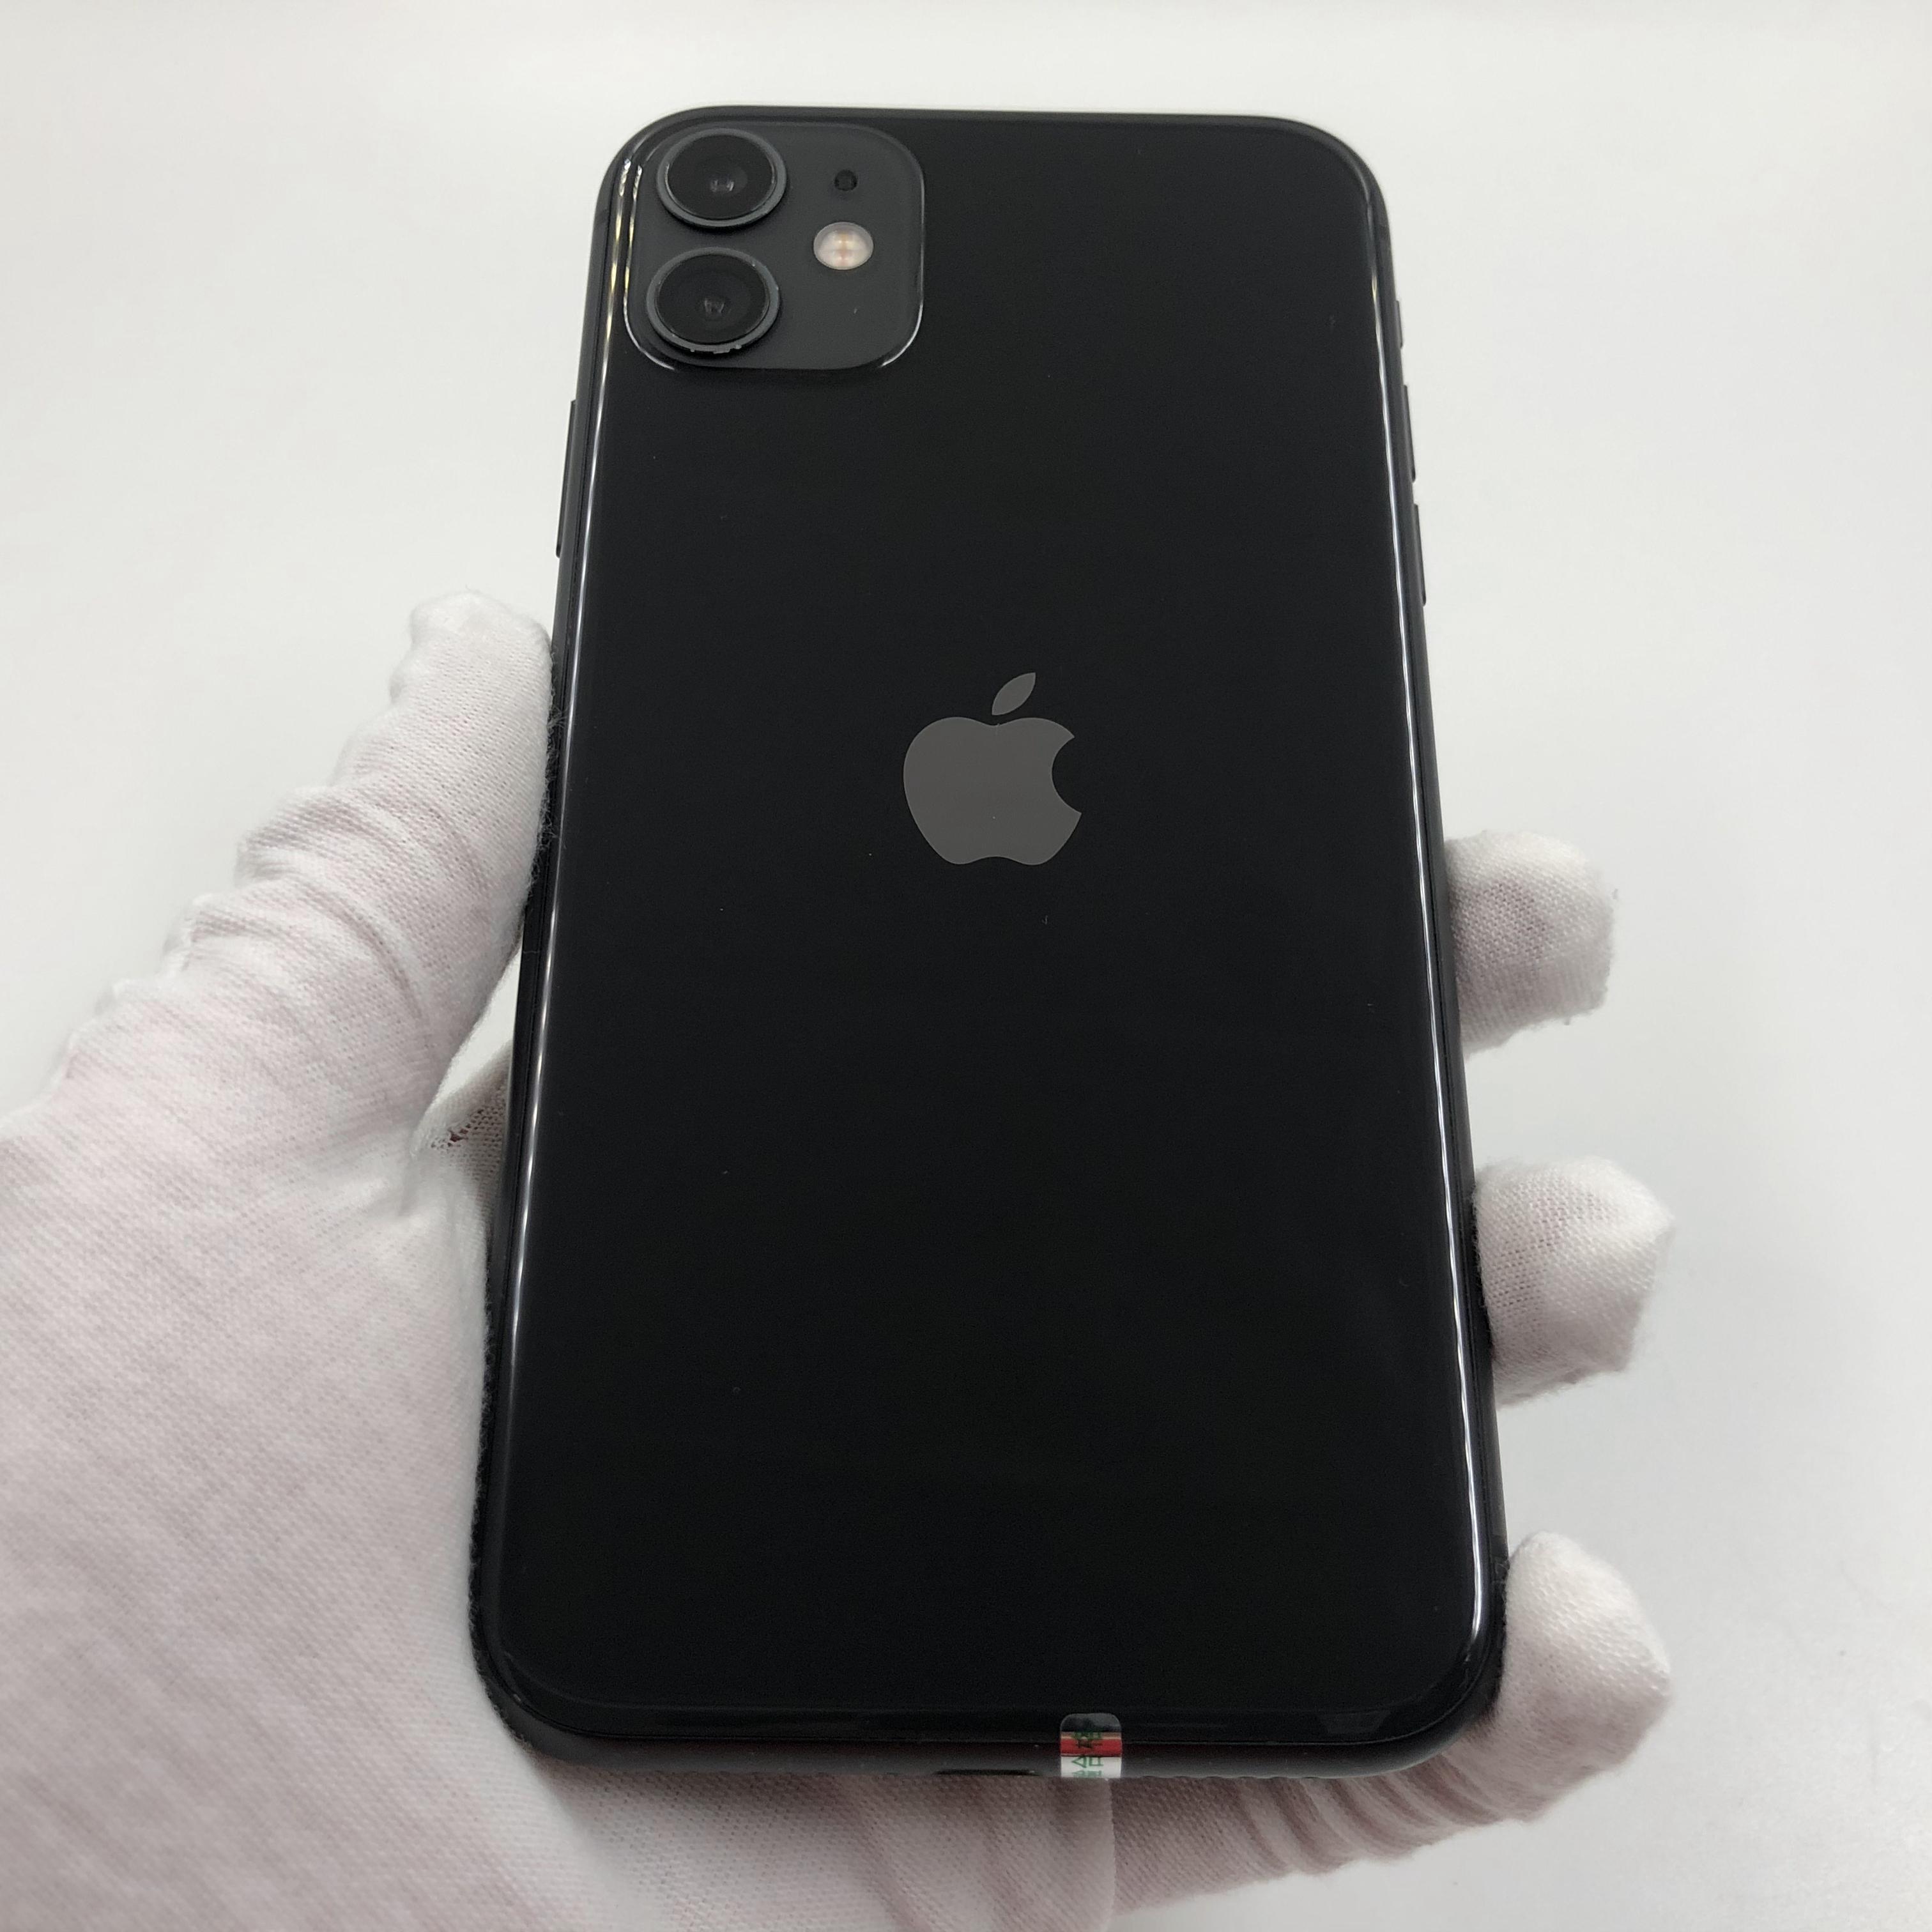 苹果【iPhone 11】4G全网通 黑色 128G 国行 8成新 真机实拍